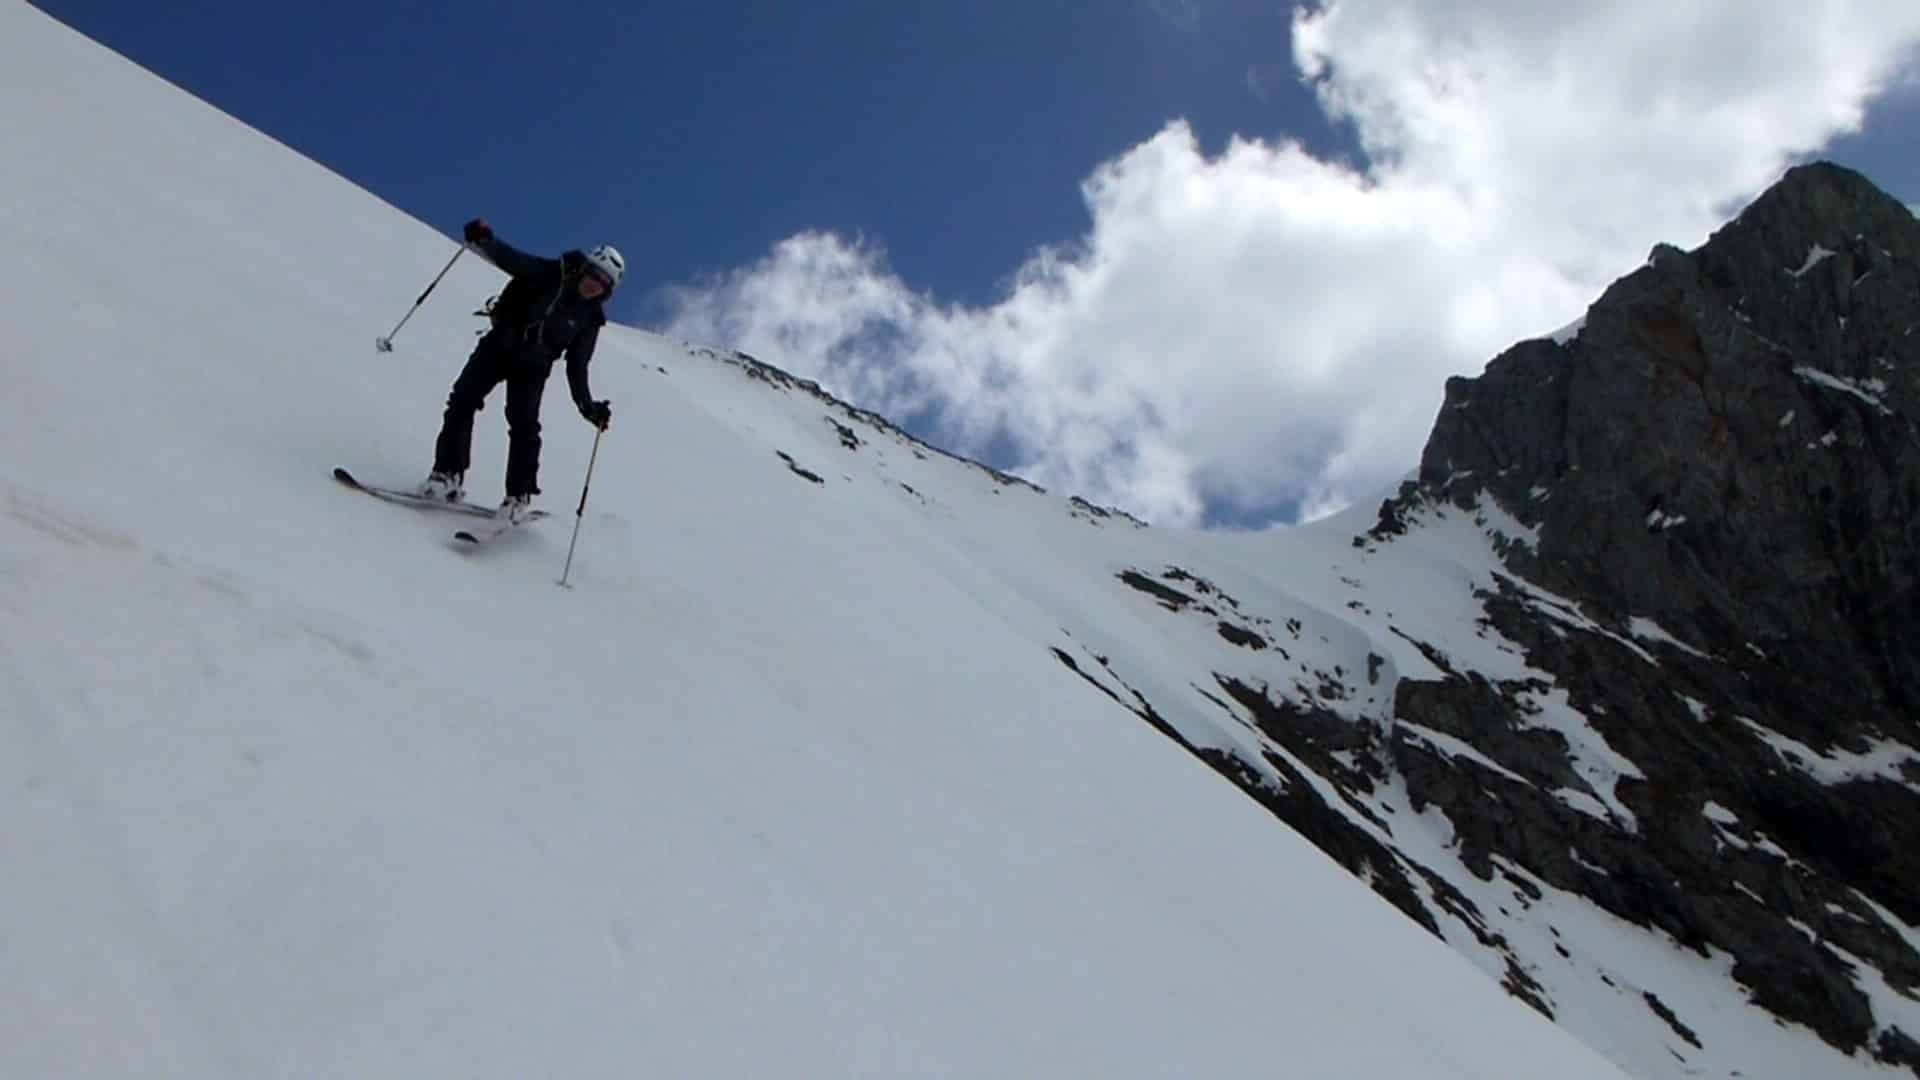 Extreme 2-day ski tour in Mont Valier, Pyrenees